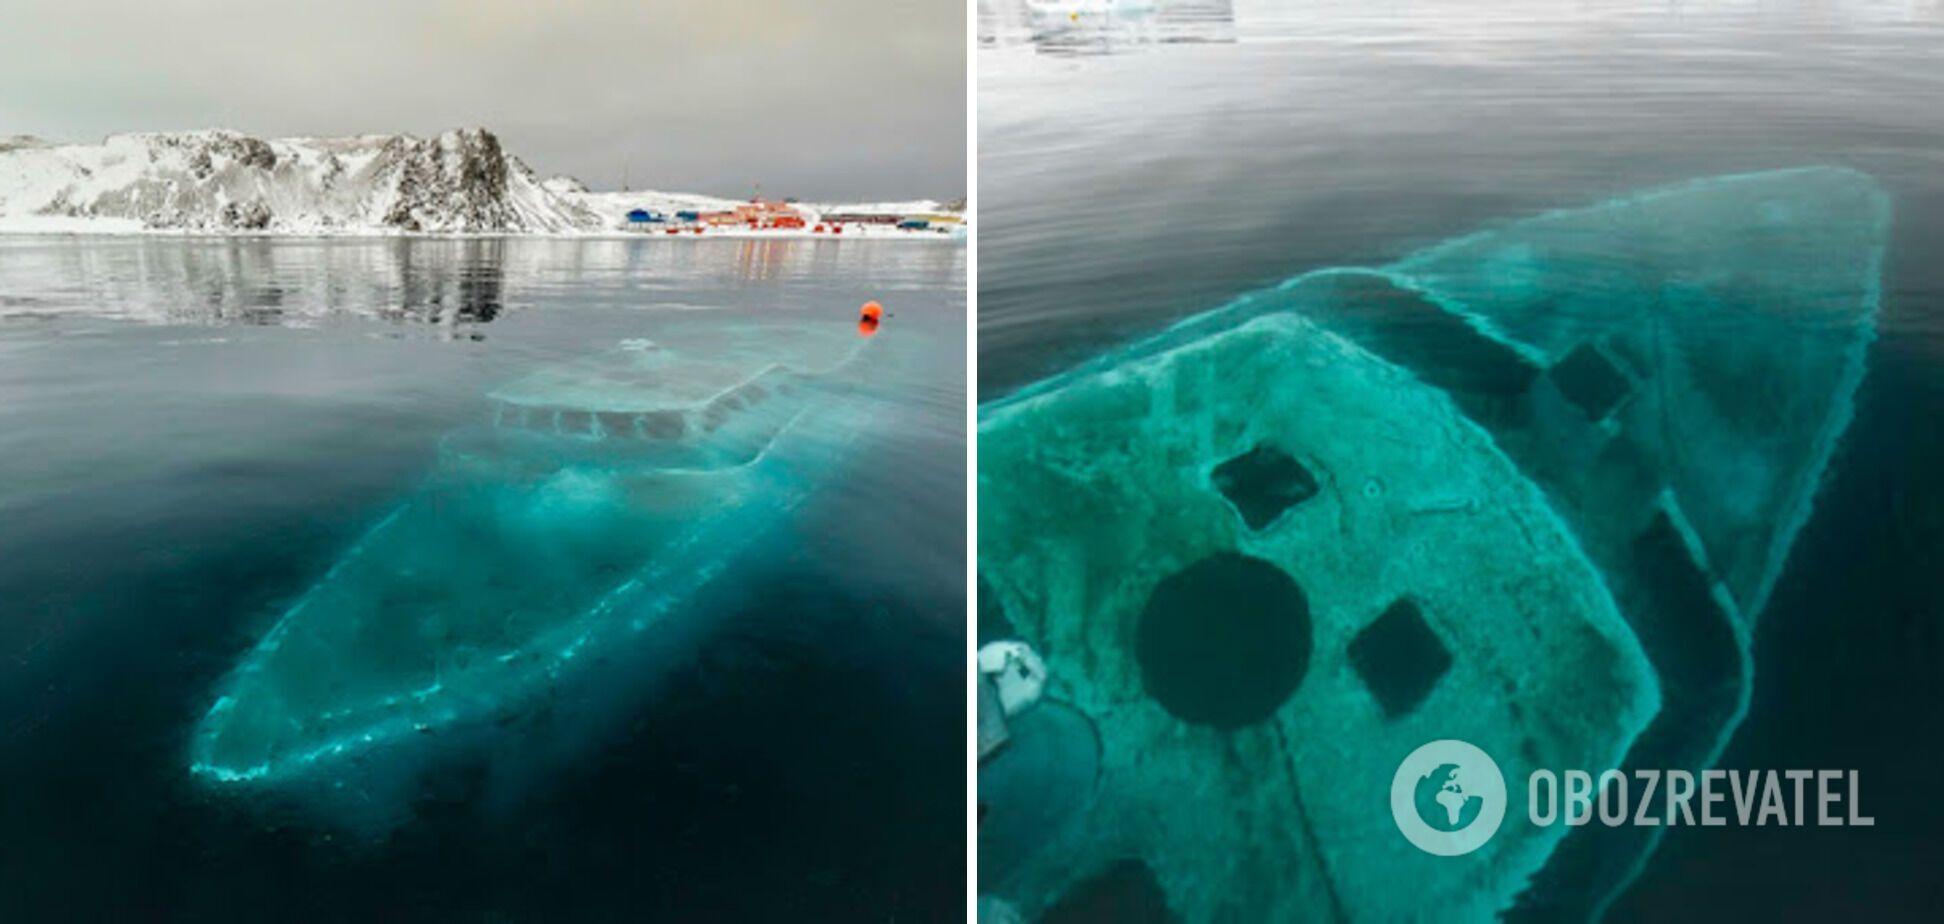 Затонувшую яхту называют призраком Антарктики